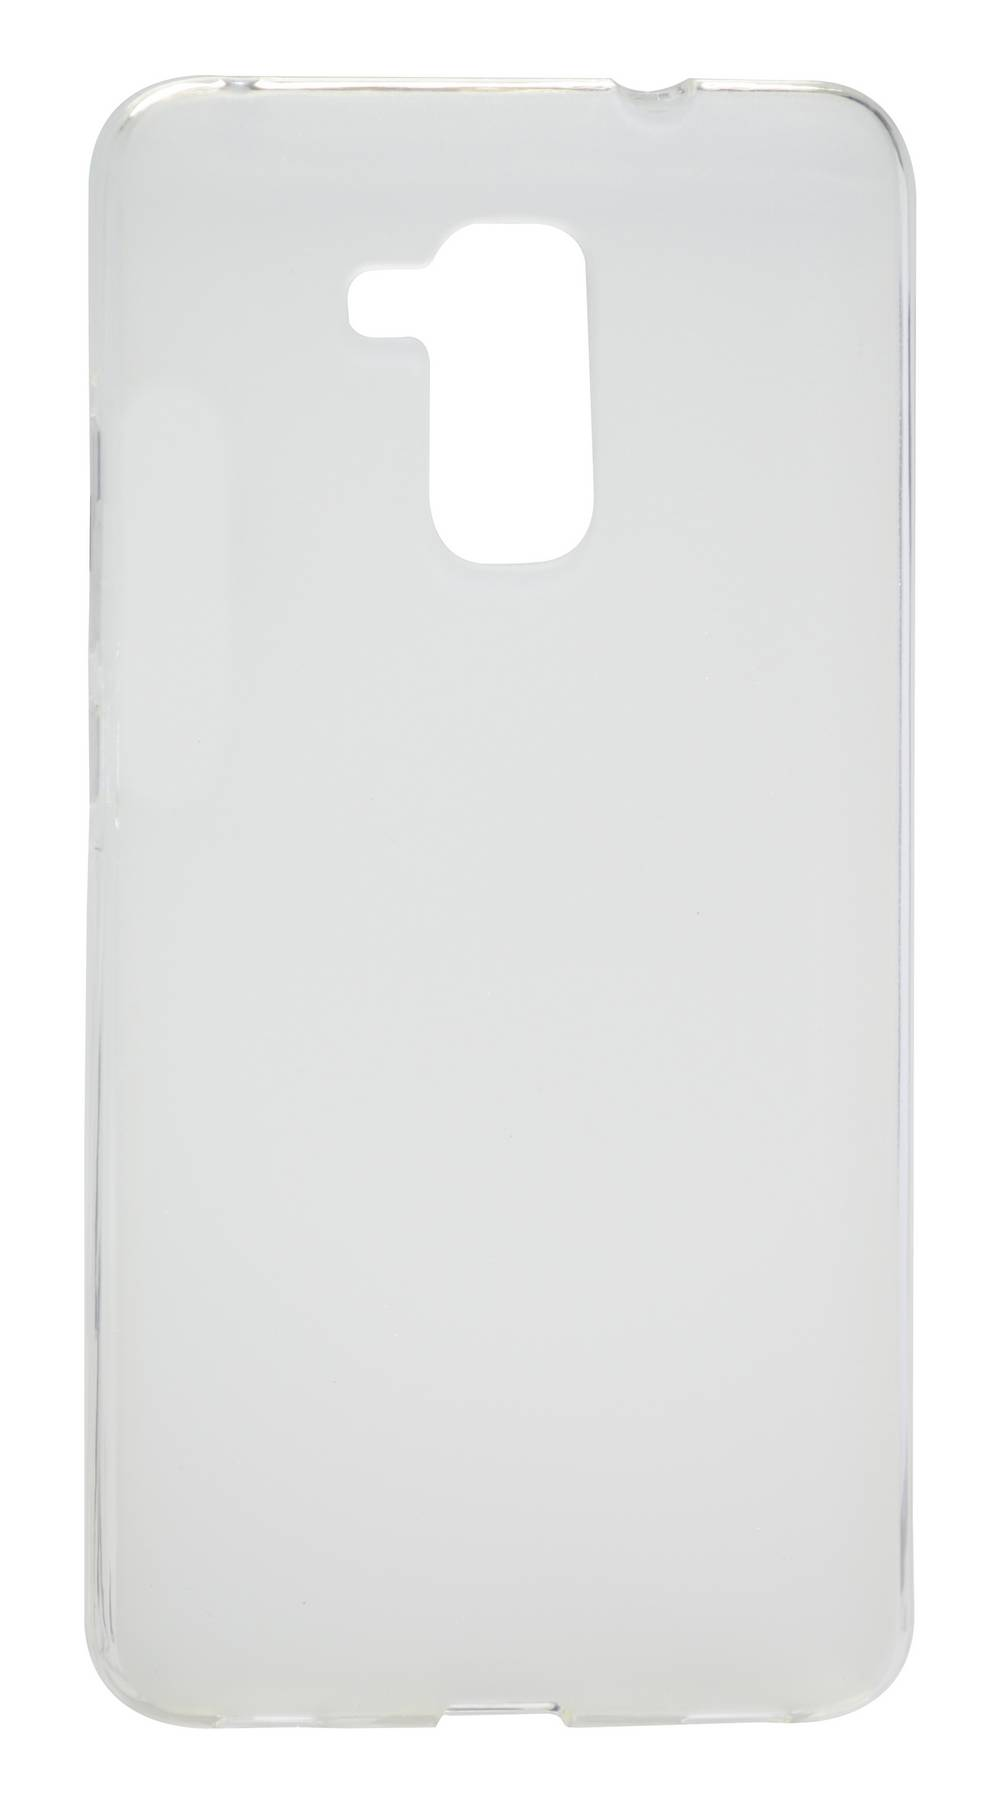 Θήκη TPU Ancus για Huawei Honor 7 Lite/5c Frost - Διάφανη